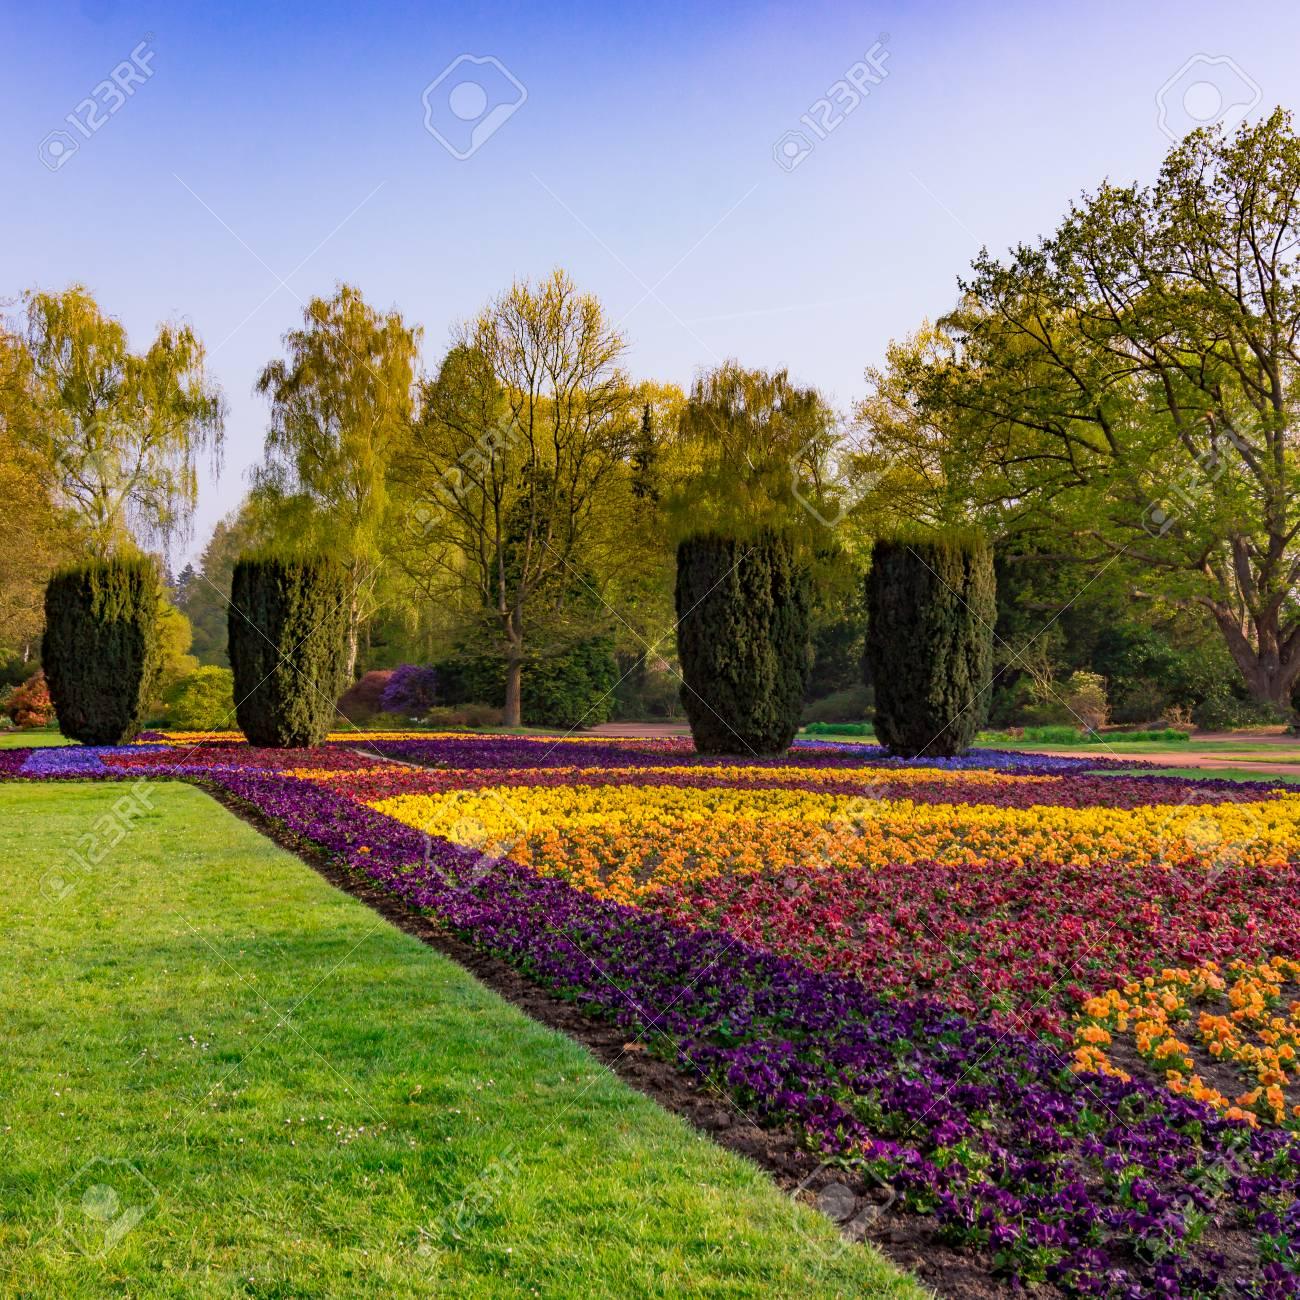 Jardin aménagé paysager. Parc. parc public